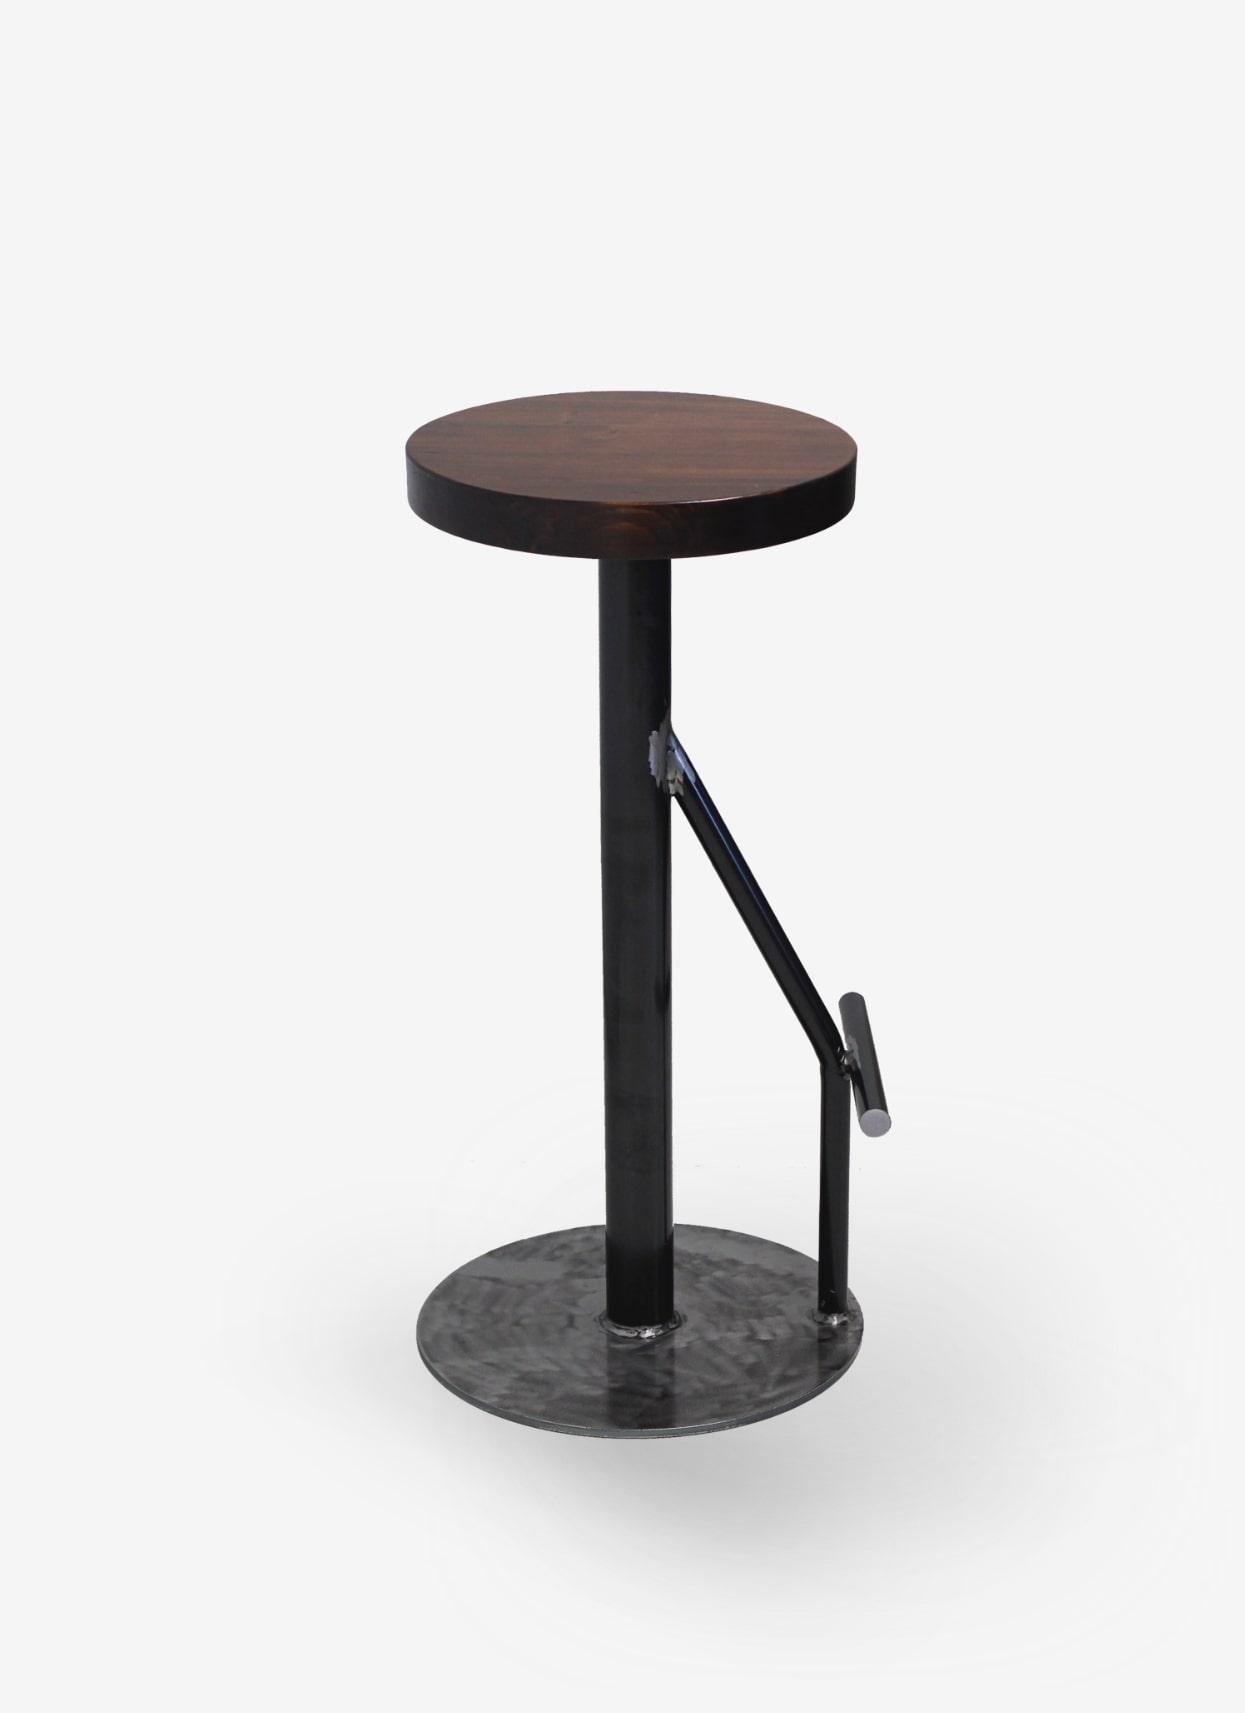 produzione-sgabelli-in-legno-e-in-metallo-sgabelli-per-arredamento-ristoranti-arredamento-bar-arredo-alberghi-arredo-negozi-uffici-tavoli-per-arredamento-contract-ERMES